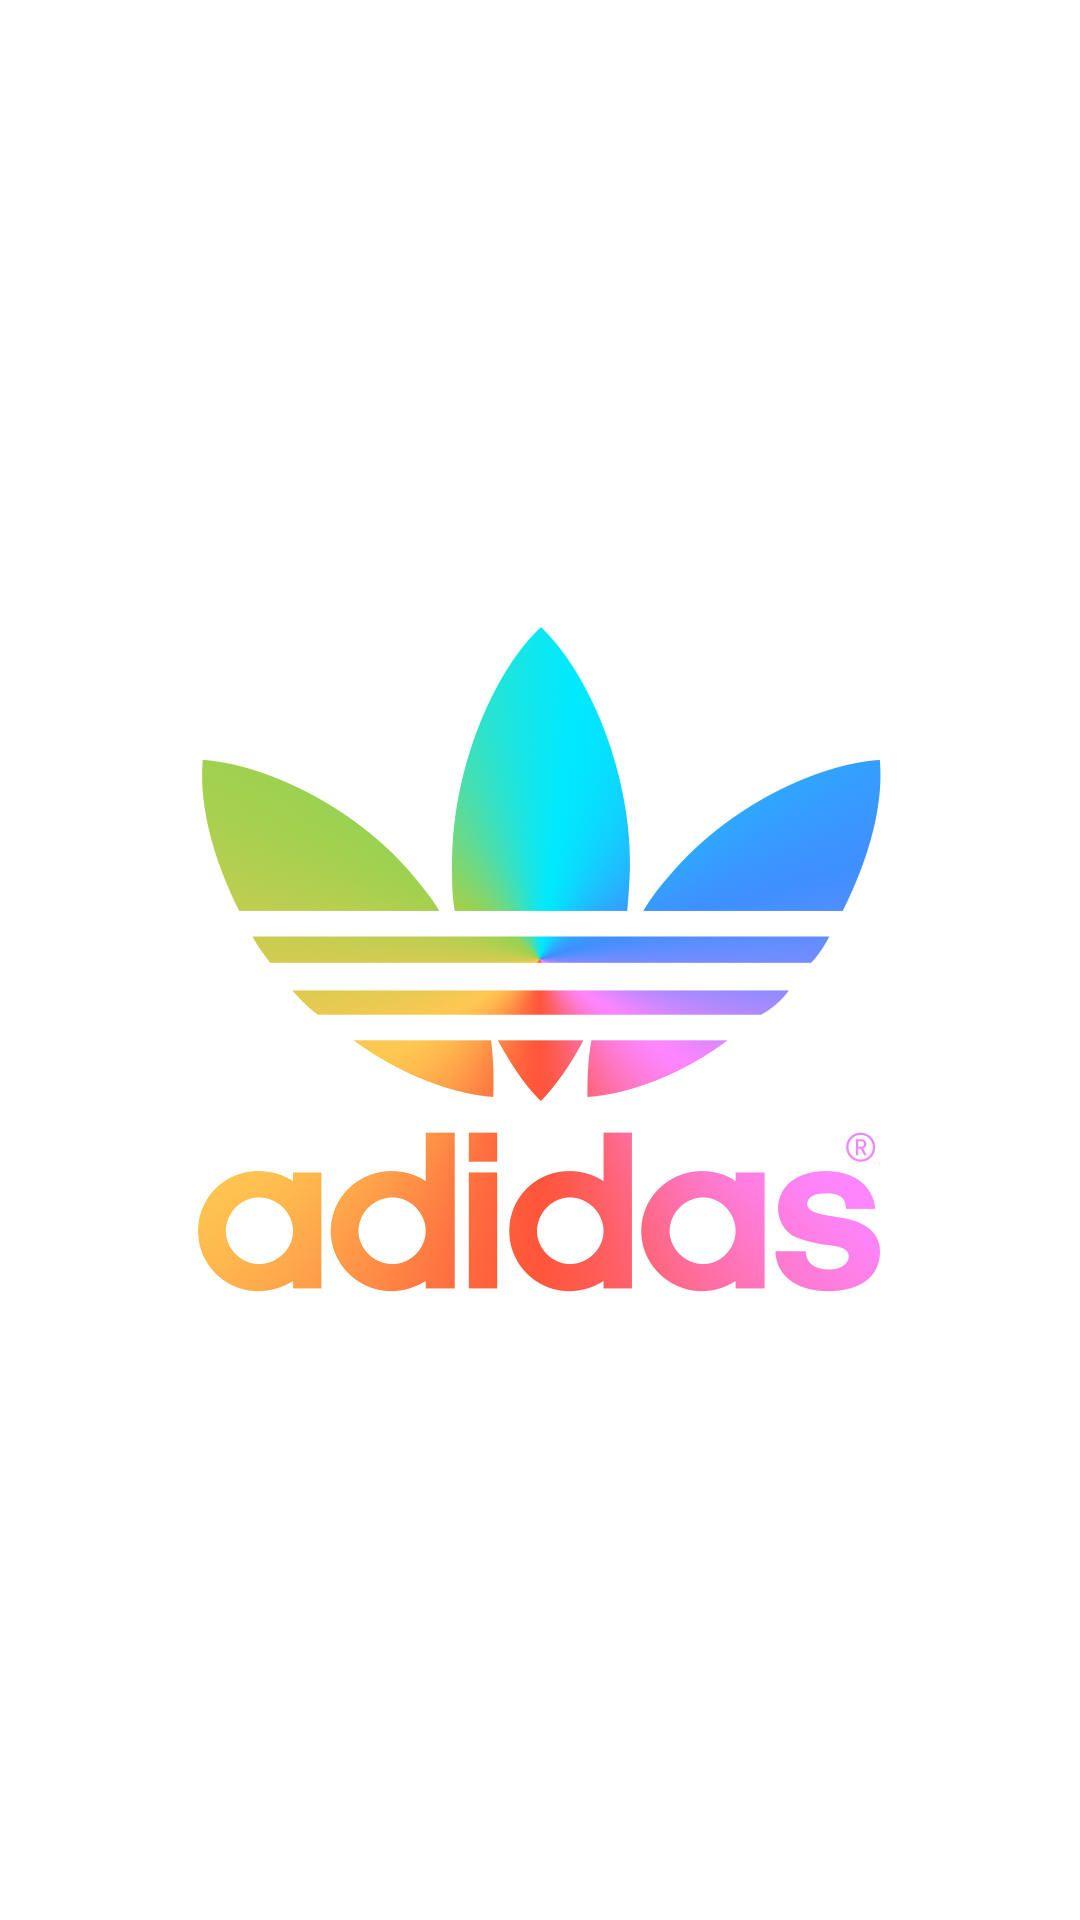 レインボー アディダスロゴ Adidas Logo Adidas Fondos De Pantalla Fondos De Pantalla Nike Fondos De Adidas